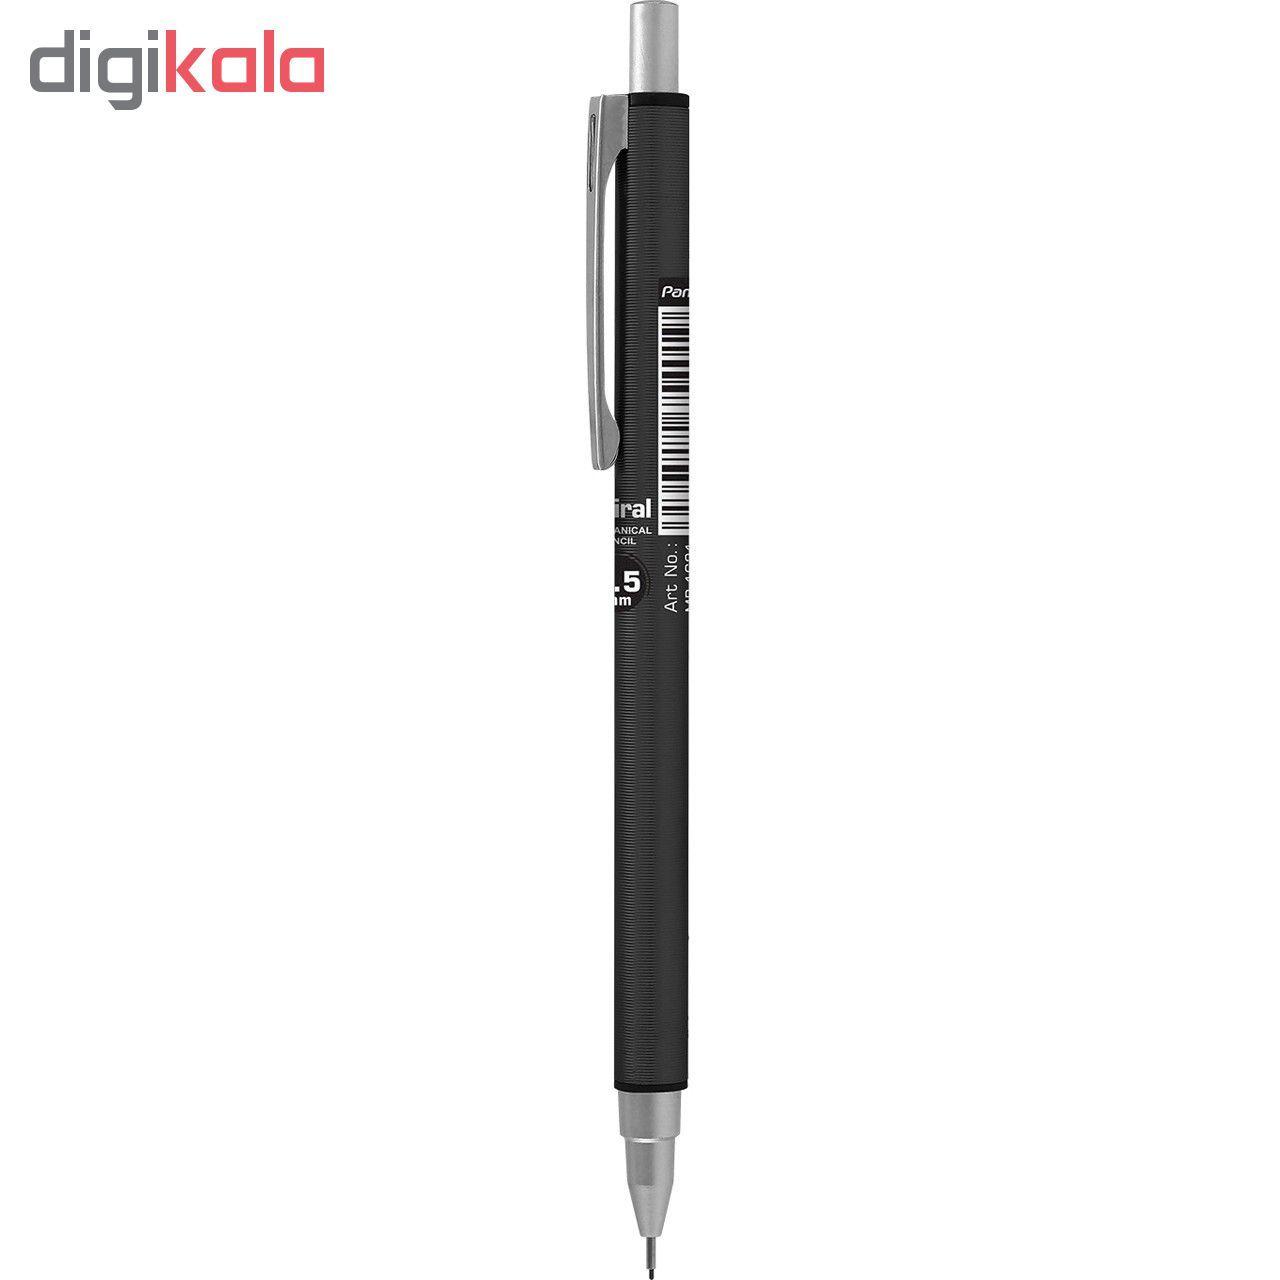 مداد نوکی پنتر مدل Spiral قطر نوشتاری  0.5 میلی متر main 1 2